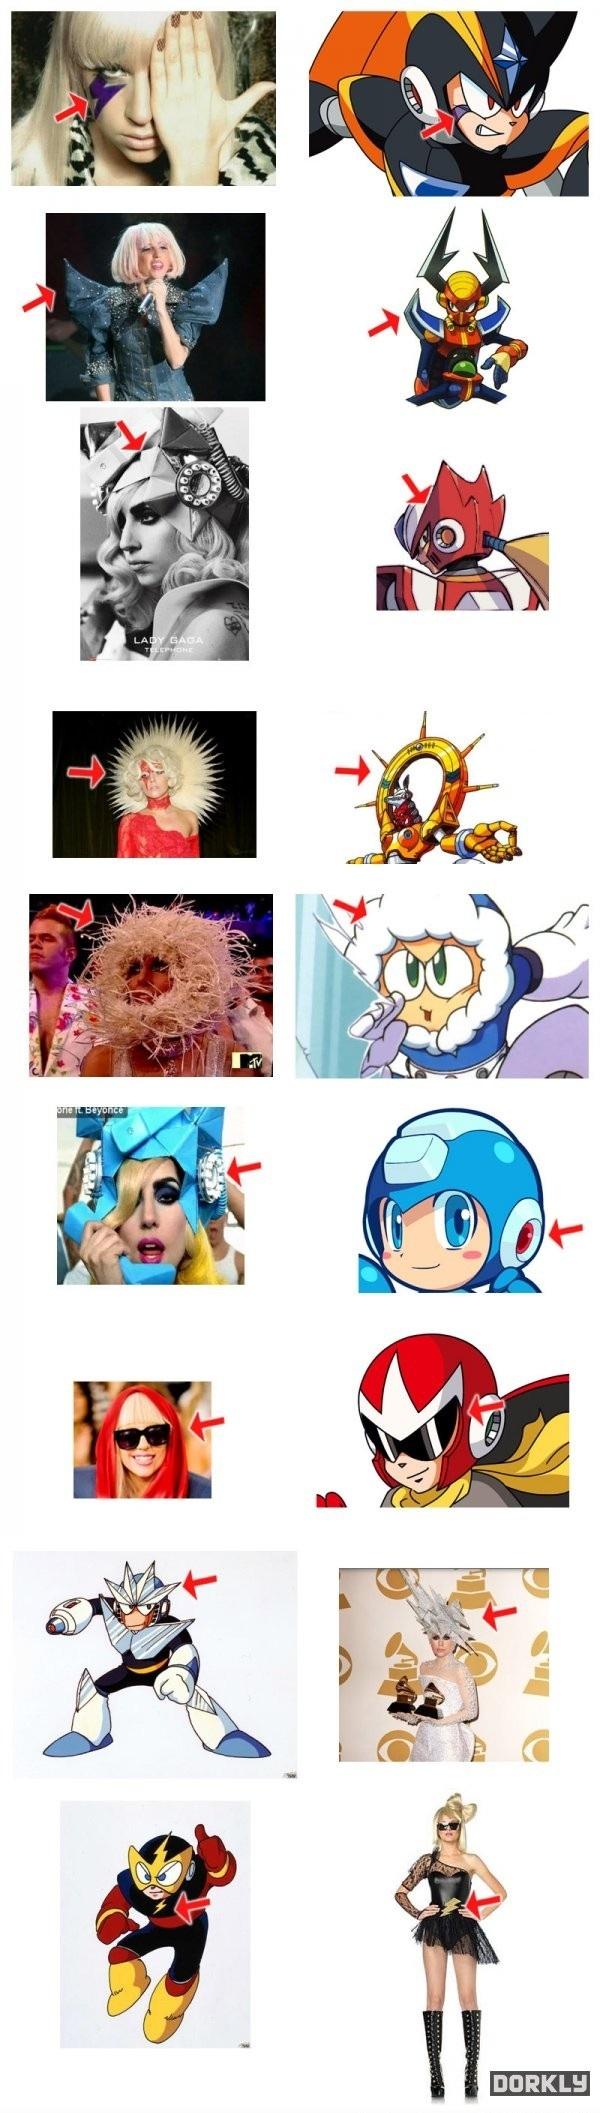 Gaga loves Mega Man